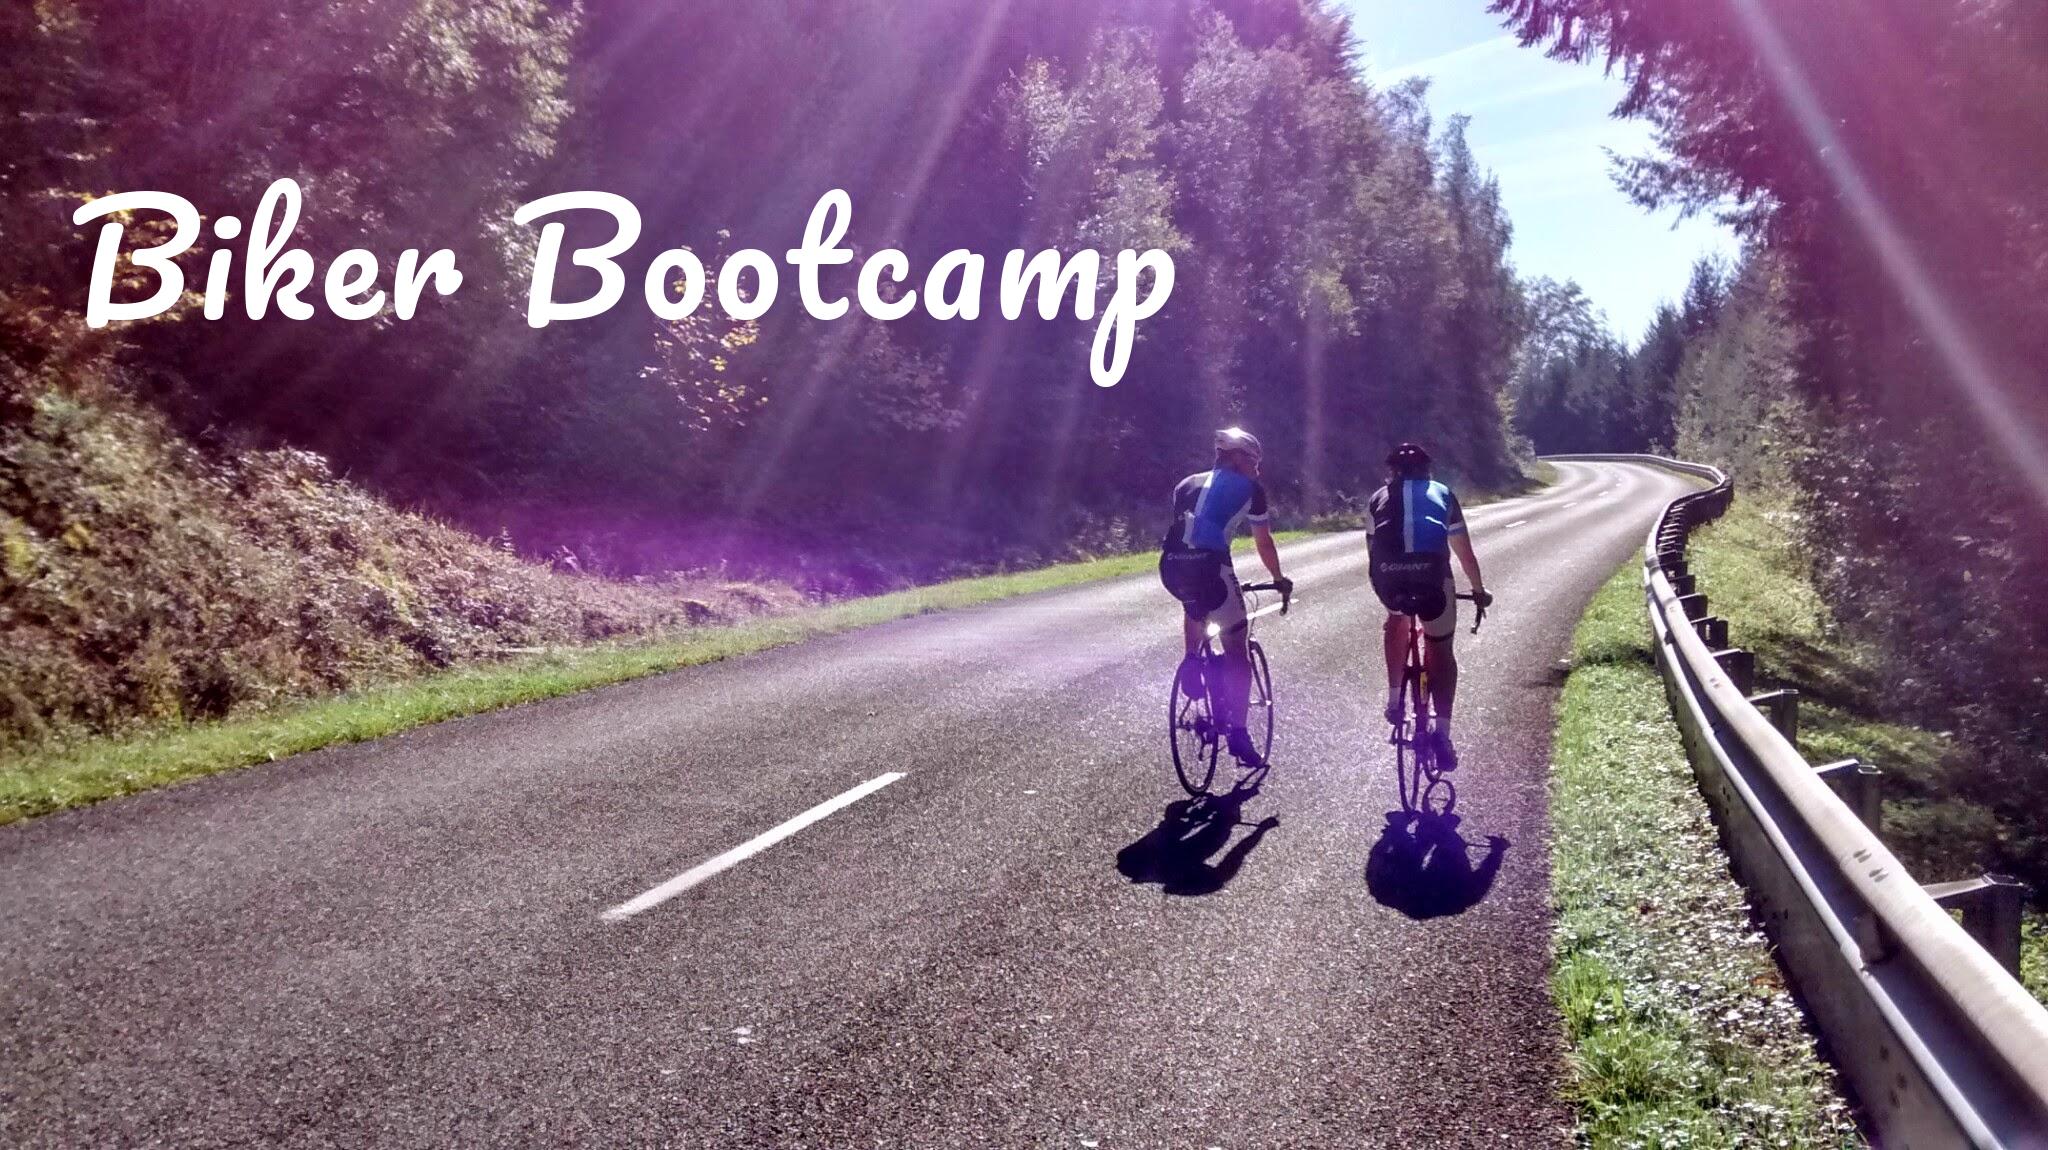 BikerBootcamp